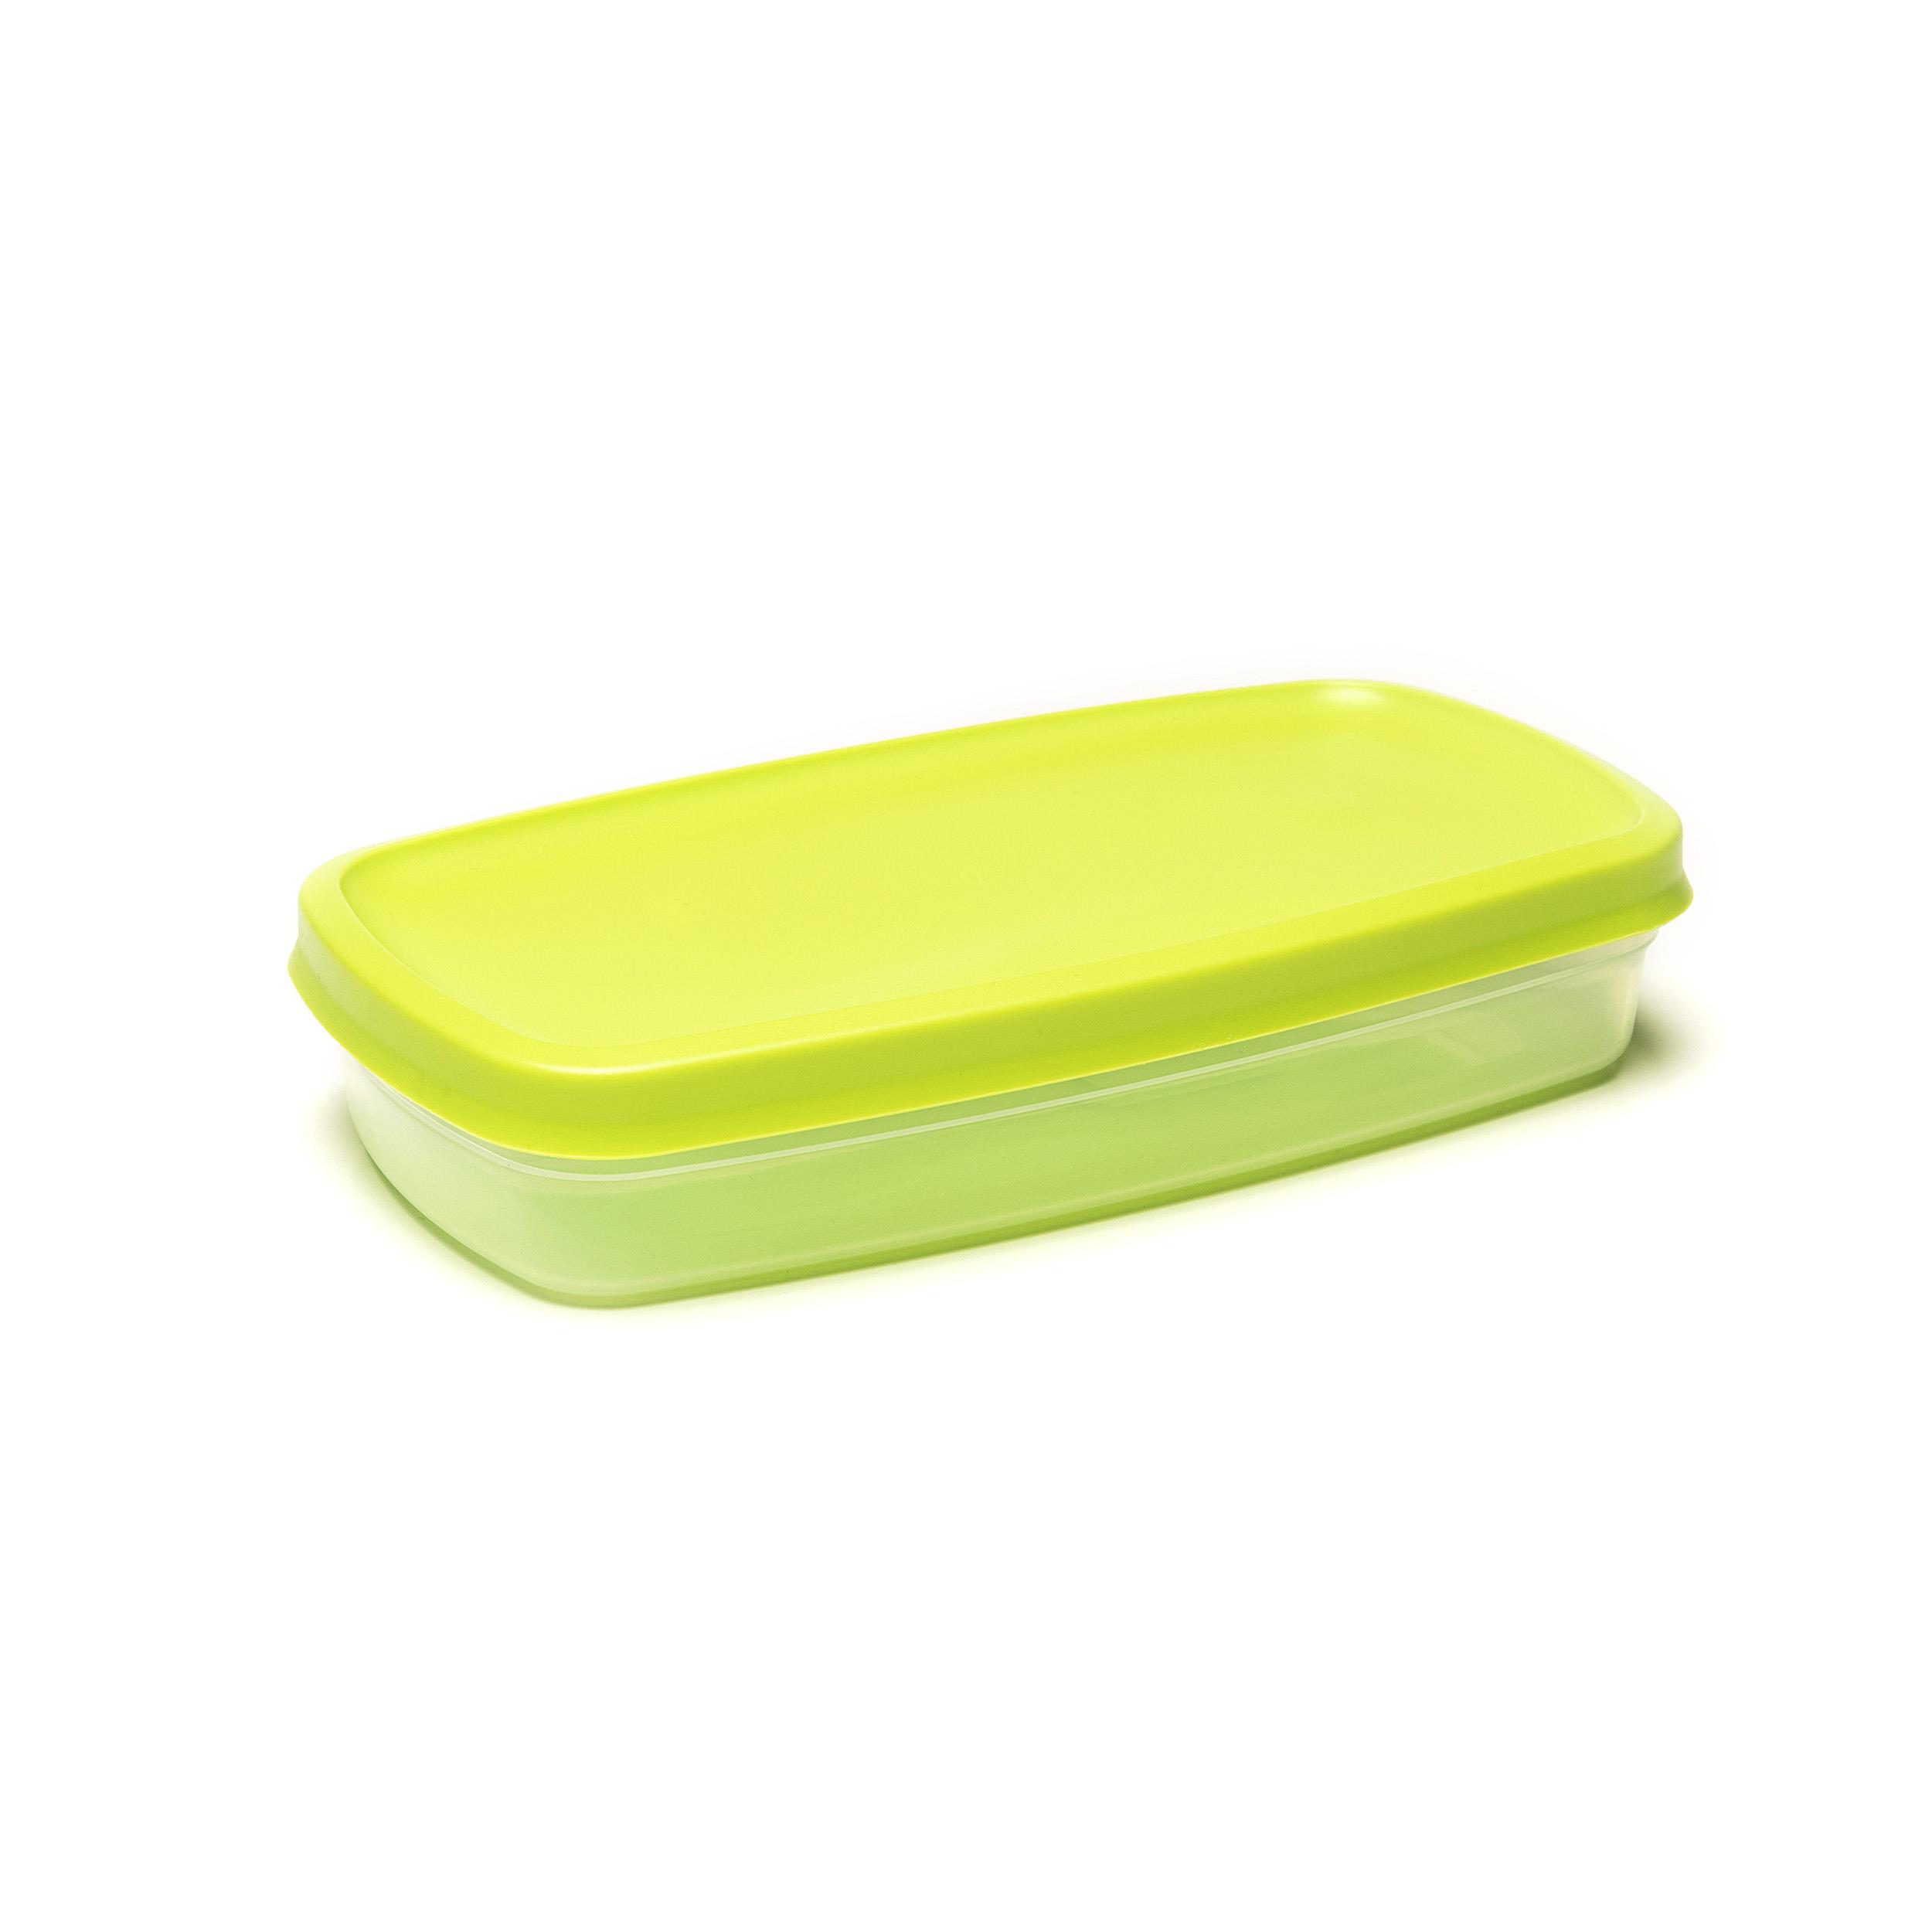 Vacutop 850ml - .... Super fresh food? Keep it in a VacuTop® box. Thanks to its hermetic seal, your food will remain noticeably fresher for longer. Stack and store? It's easy peasy. Your VacuTop® is indestructible: it will stand up to the dishwasher and microwave – provided you remove the lid when using the latter. ..Un repas d'une fraîcheur exquise ? Une boîte VacuTop® vous le garantira. Grâce à sa fermeture hermétique, vos aliments restent frais vraiment plus longtemps. L'empiler et la ranger ? Simple comme bonjour. Votre VacuTop® est inusable : elle convient pour le lave-vaisselle et micro-ondes – pour autant que vous en enleviez le couvercle. ..Kraakvers eten? Dat bewaar je in een VacuTop®-doos. Dankzij de hermetische afsluiting blijft je eten merkbaar langer vers. Stapelen en wegbergen? Een fluitje van een cent. Je VacuTop® is onverslijtbaar: hij is bestand tegen vaatwasser en microgolfoven – zolang je bij die laatste het deksel maar verwijdert. ..Knackfrische Speisen? Die sollten Sie in einem VacuTop®-Behälter aufbewahren. Dank des hermetischen Verschlusses bleiben Ihre Speisen spürbar länger frisch. Stapeln und aufbewahren? Das ist ein Kinderspiel. Ihr VacuTop® ist unverwüstlich: Er ist spülmaschinenfest und mikrowellengeeignet – solange Sie in der Mikrowelle den Deckel entfernen. ....